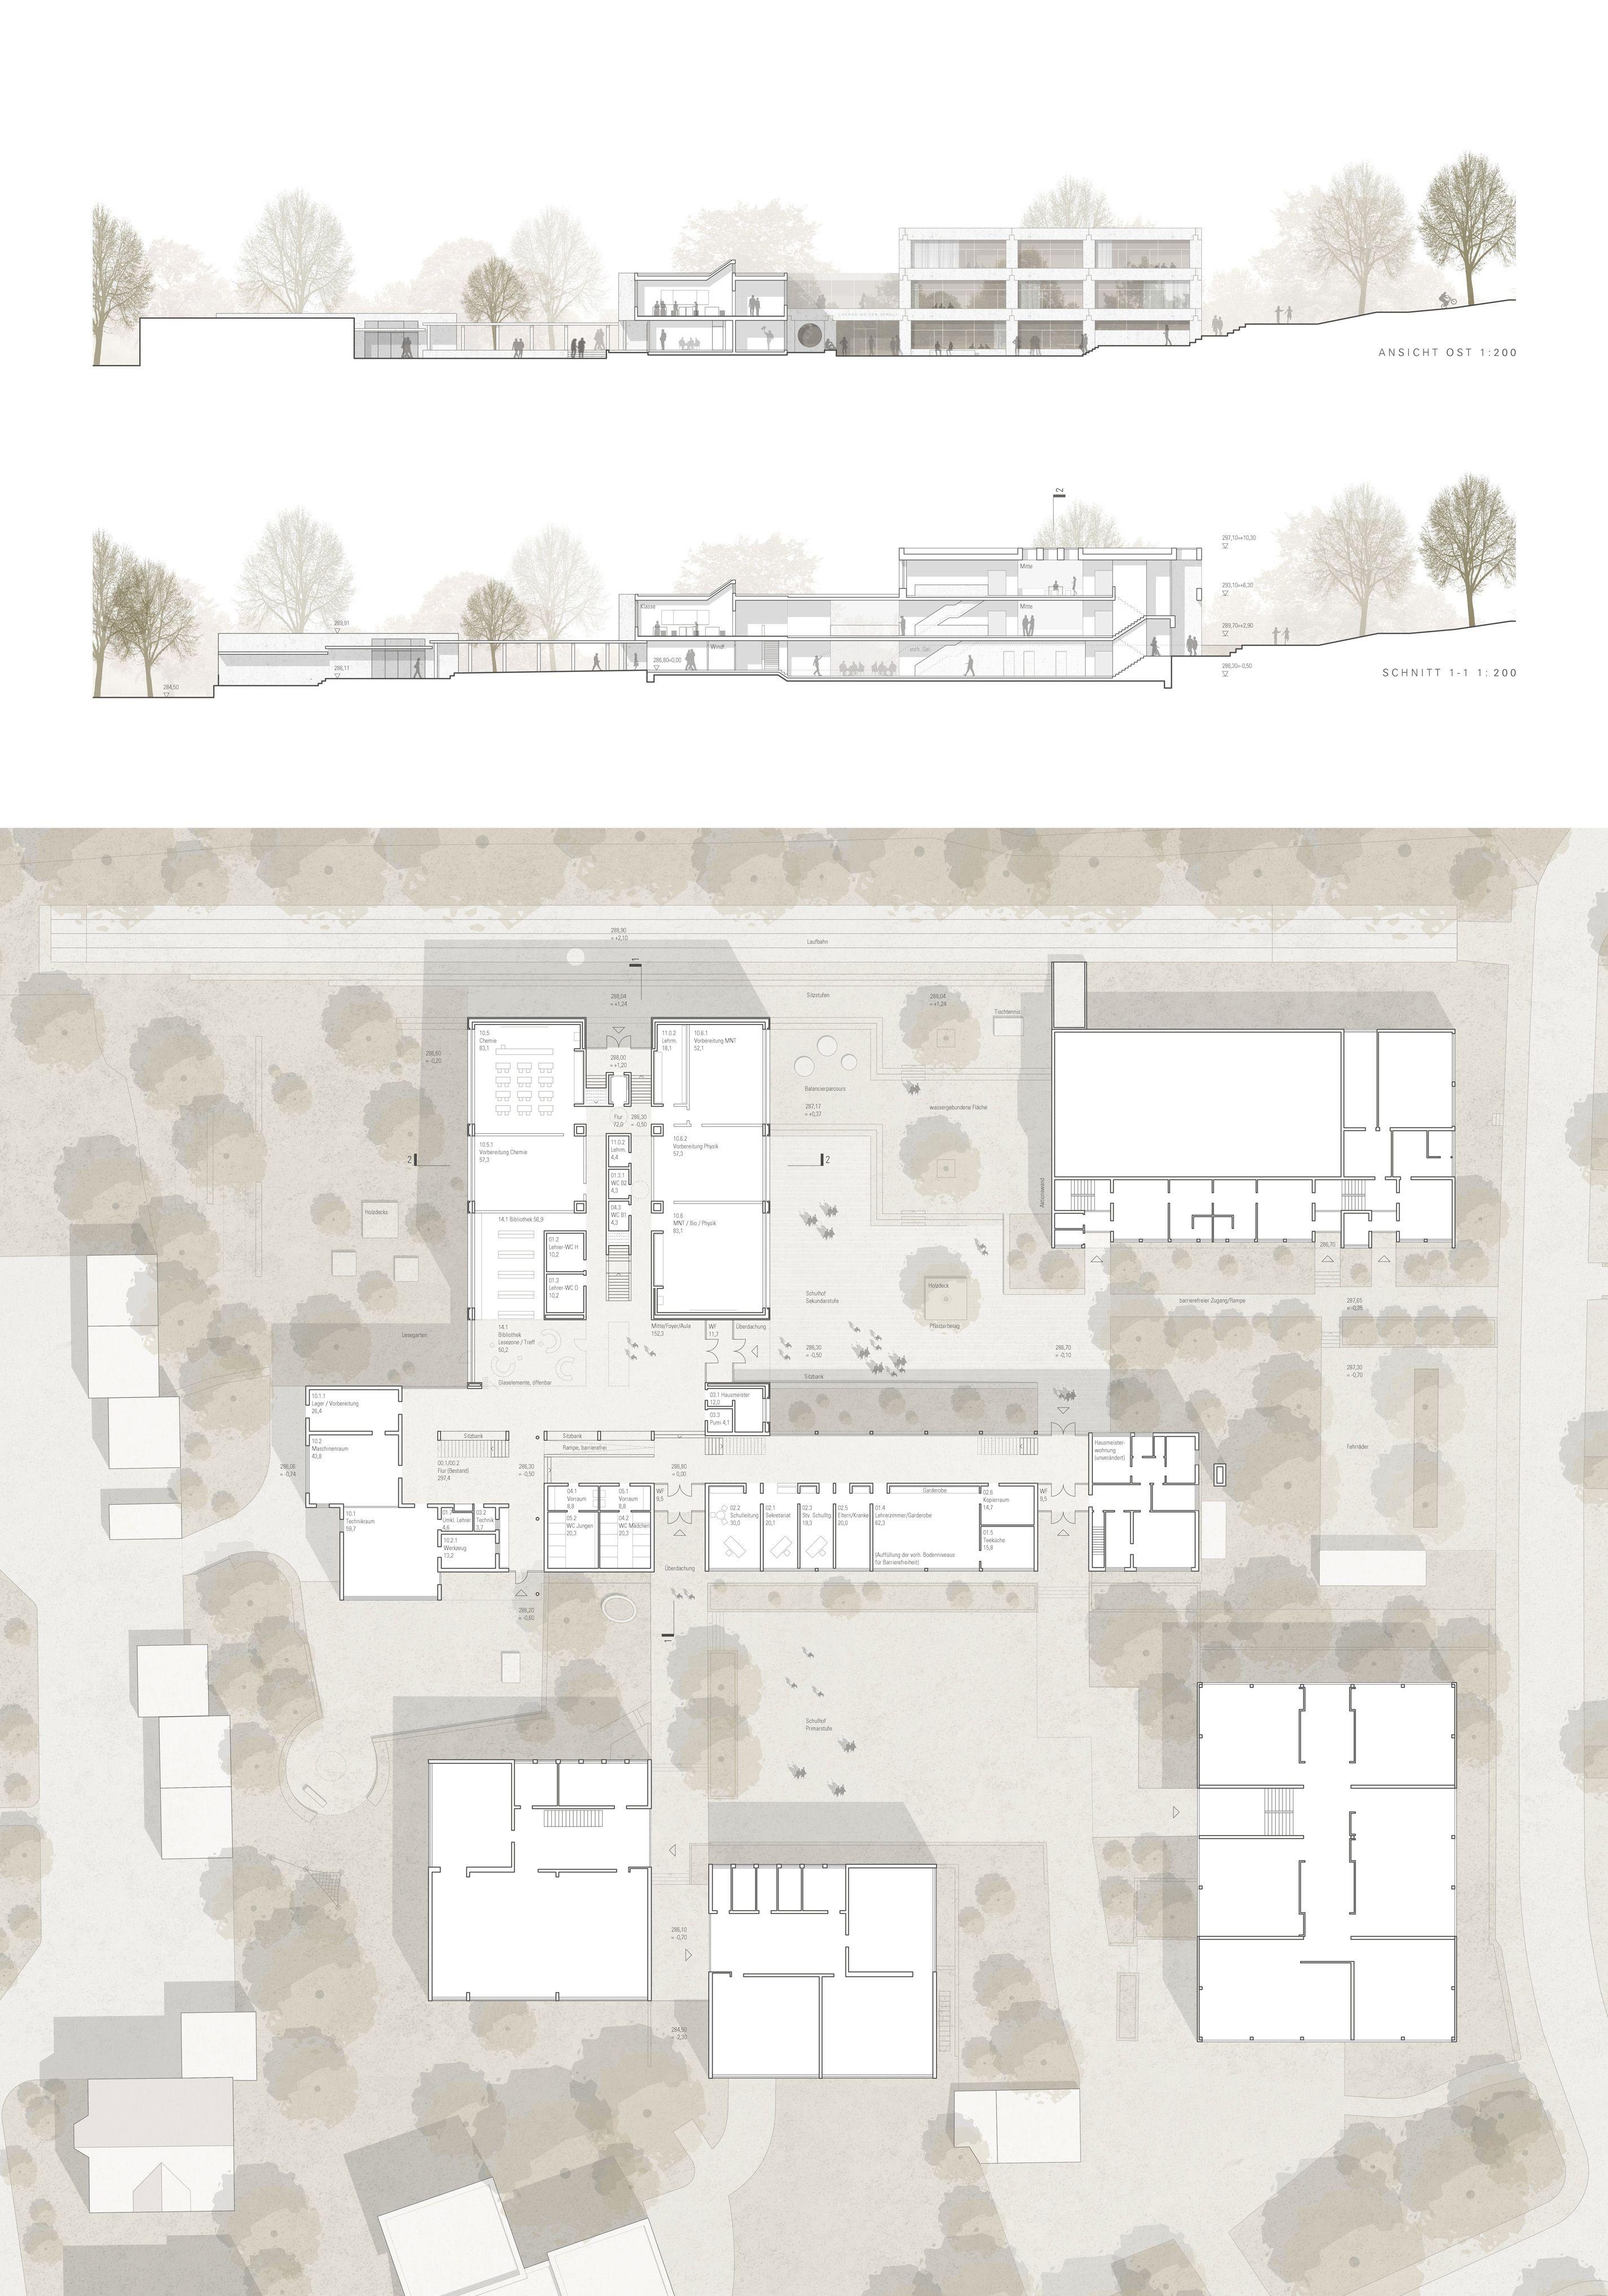 a 2nd prize: floor plan EC, view, section, © dacha architects #architektonischepräsentation